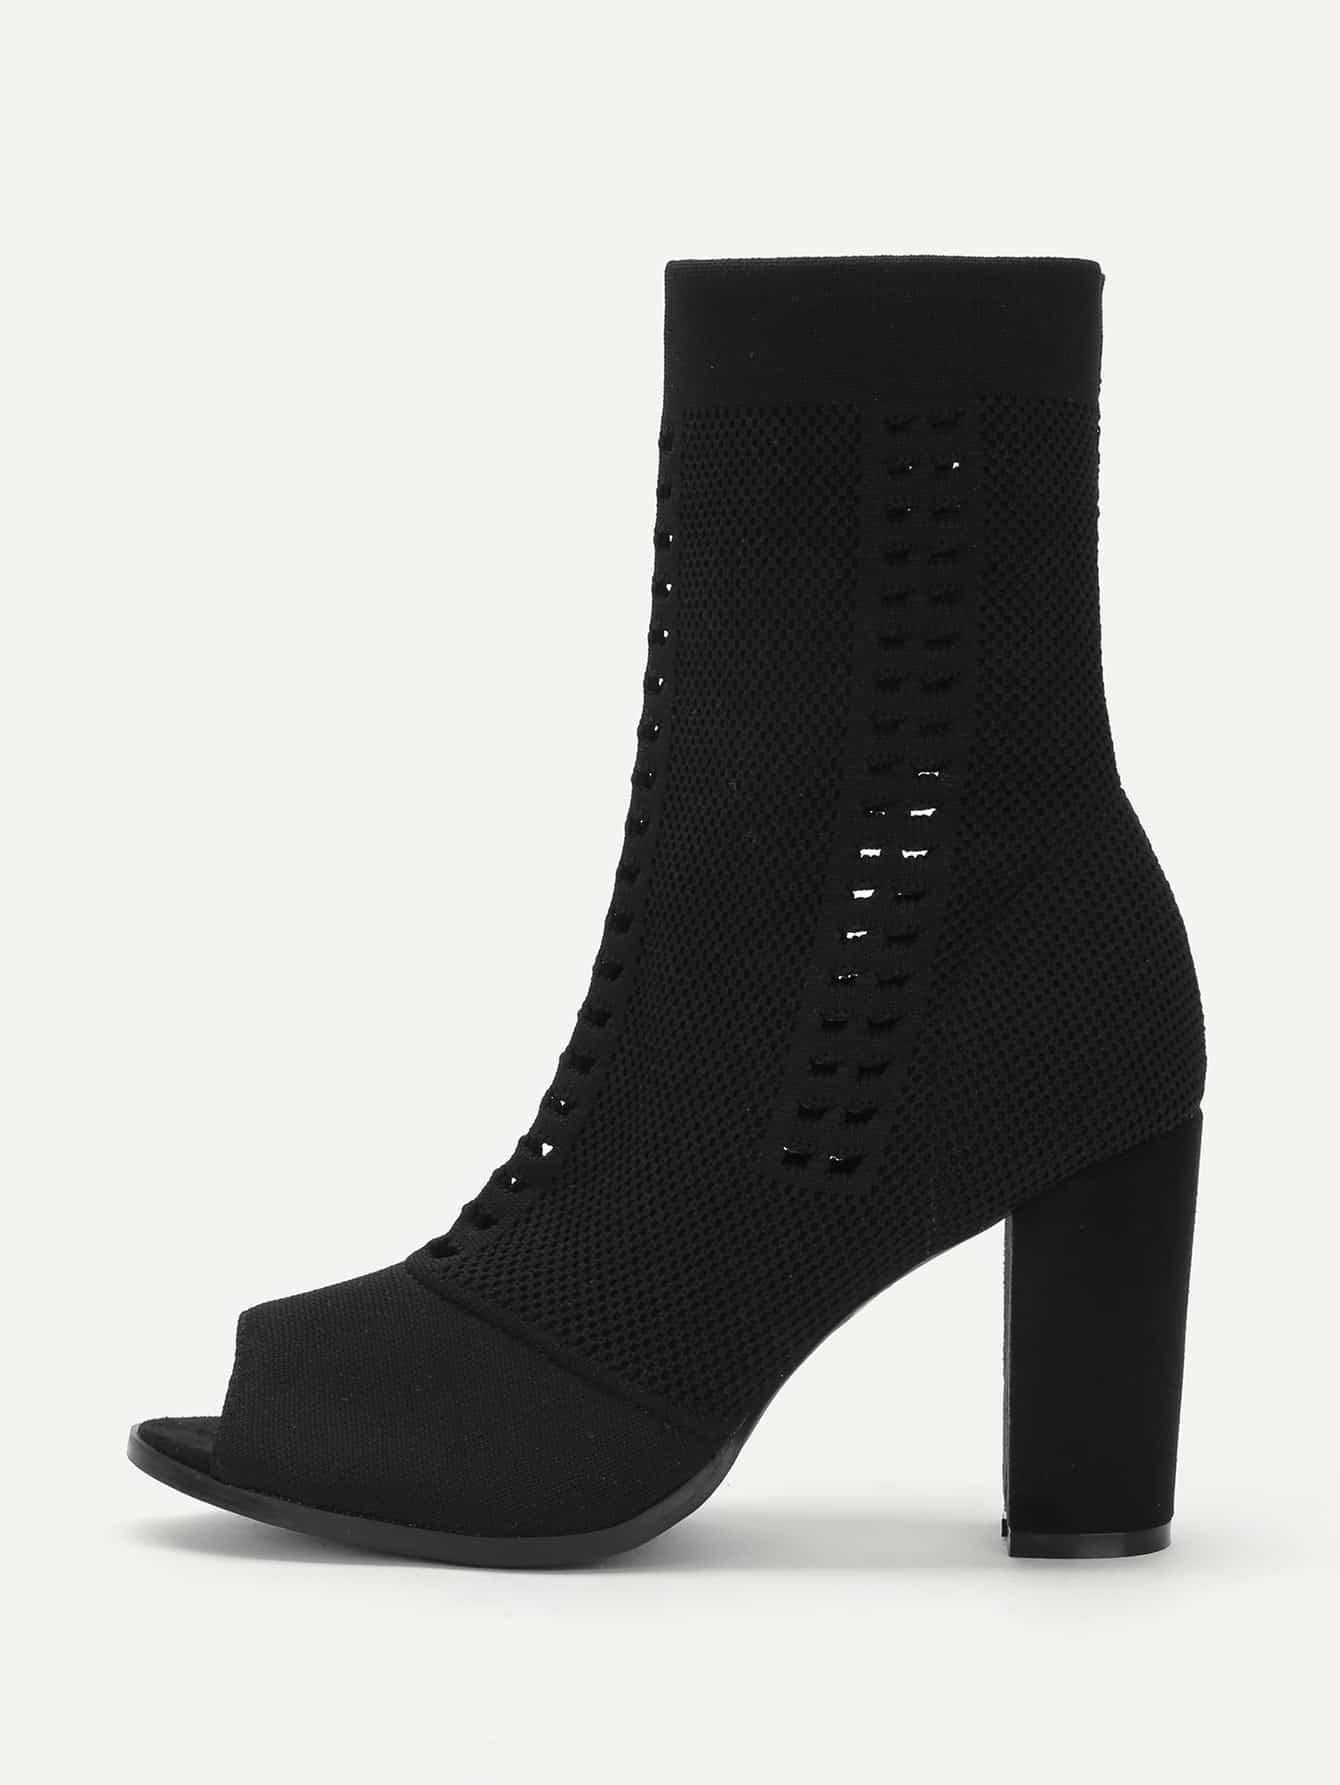 Купить со скидкой Cut Out Detail Peep Toe Block Heeled Boots